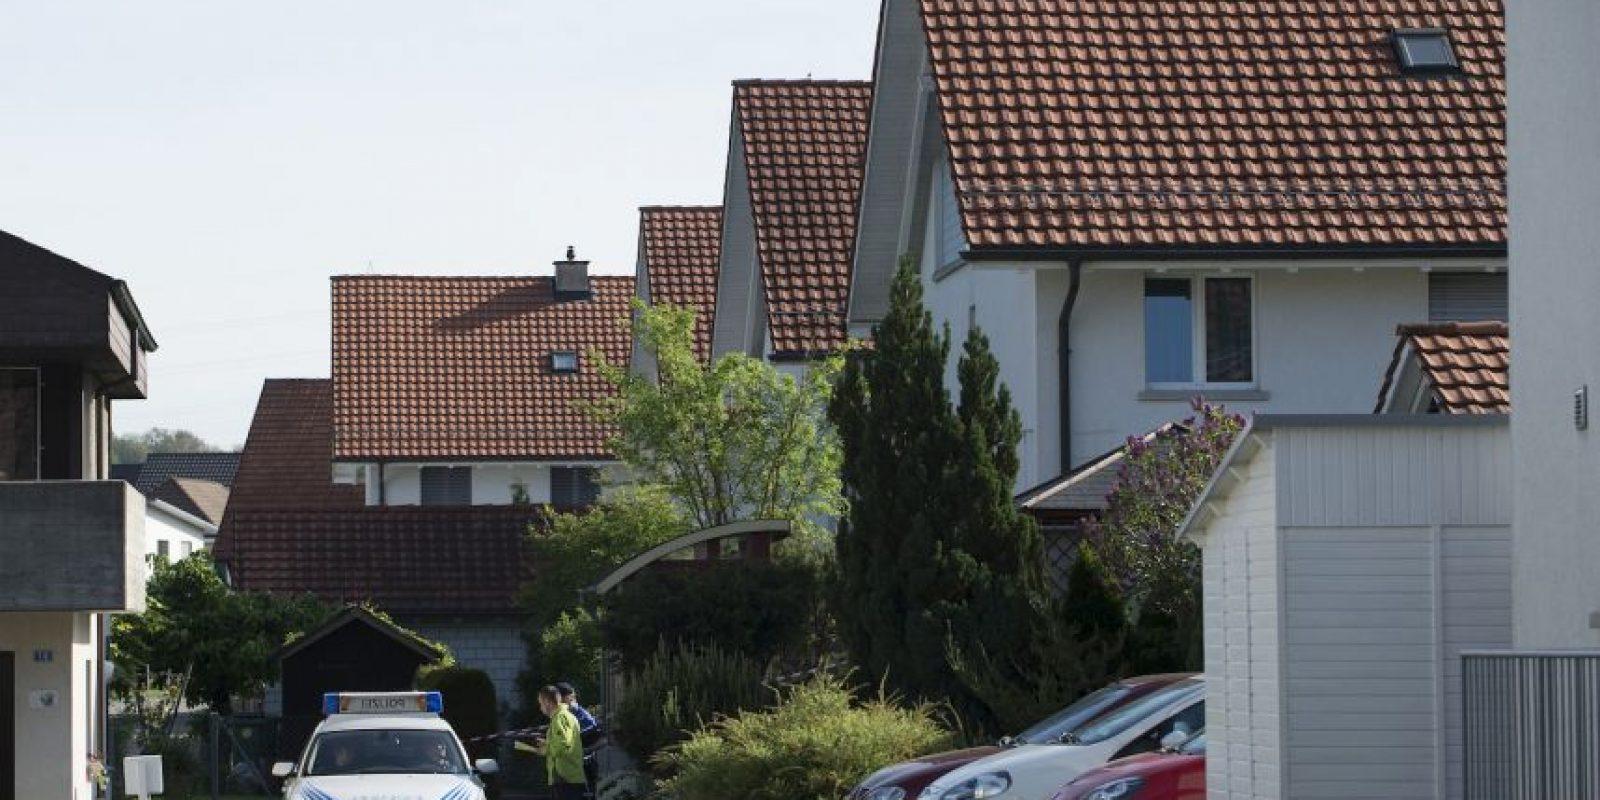 Cinco personas murieron en un tiroteo por la noche en Suiza Foto:AP